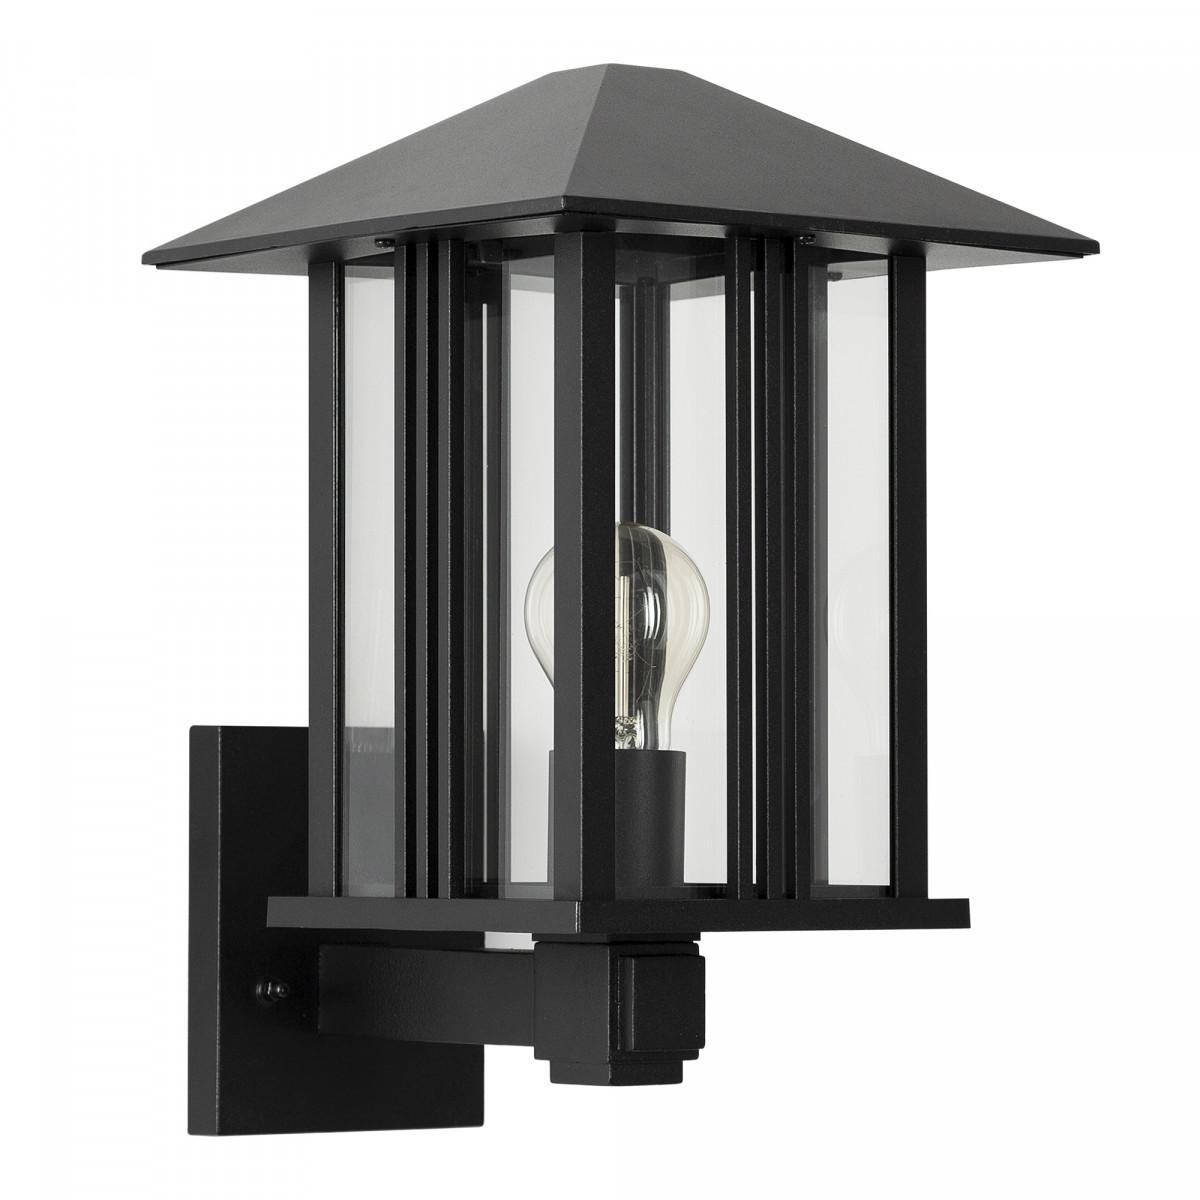 Wandlamp Kingston voor buiten, moderne buitenmuur verlichting met een klassieke touch, zwarte buitenlamp met heldere beglazing op wandsteun met vierkante achterplaat